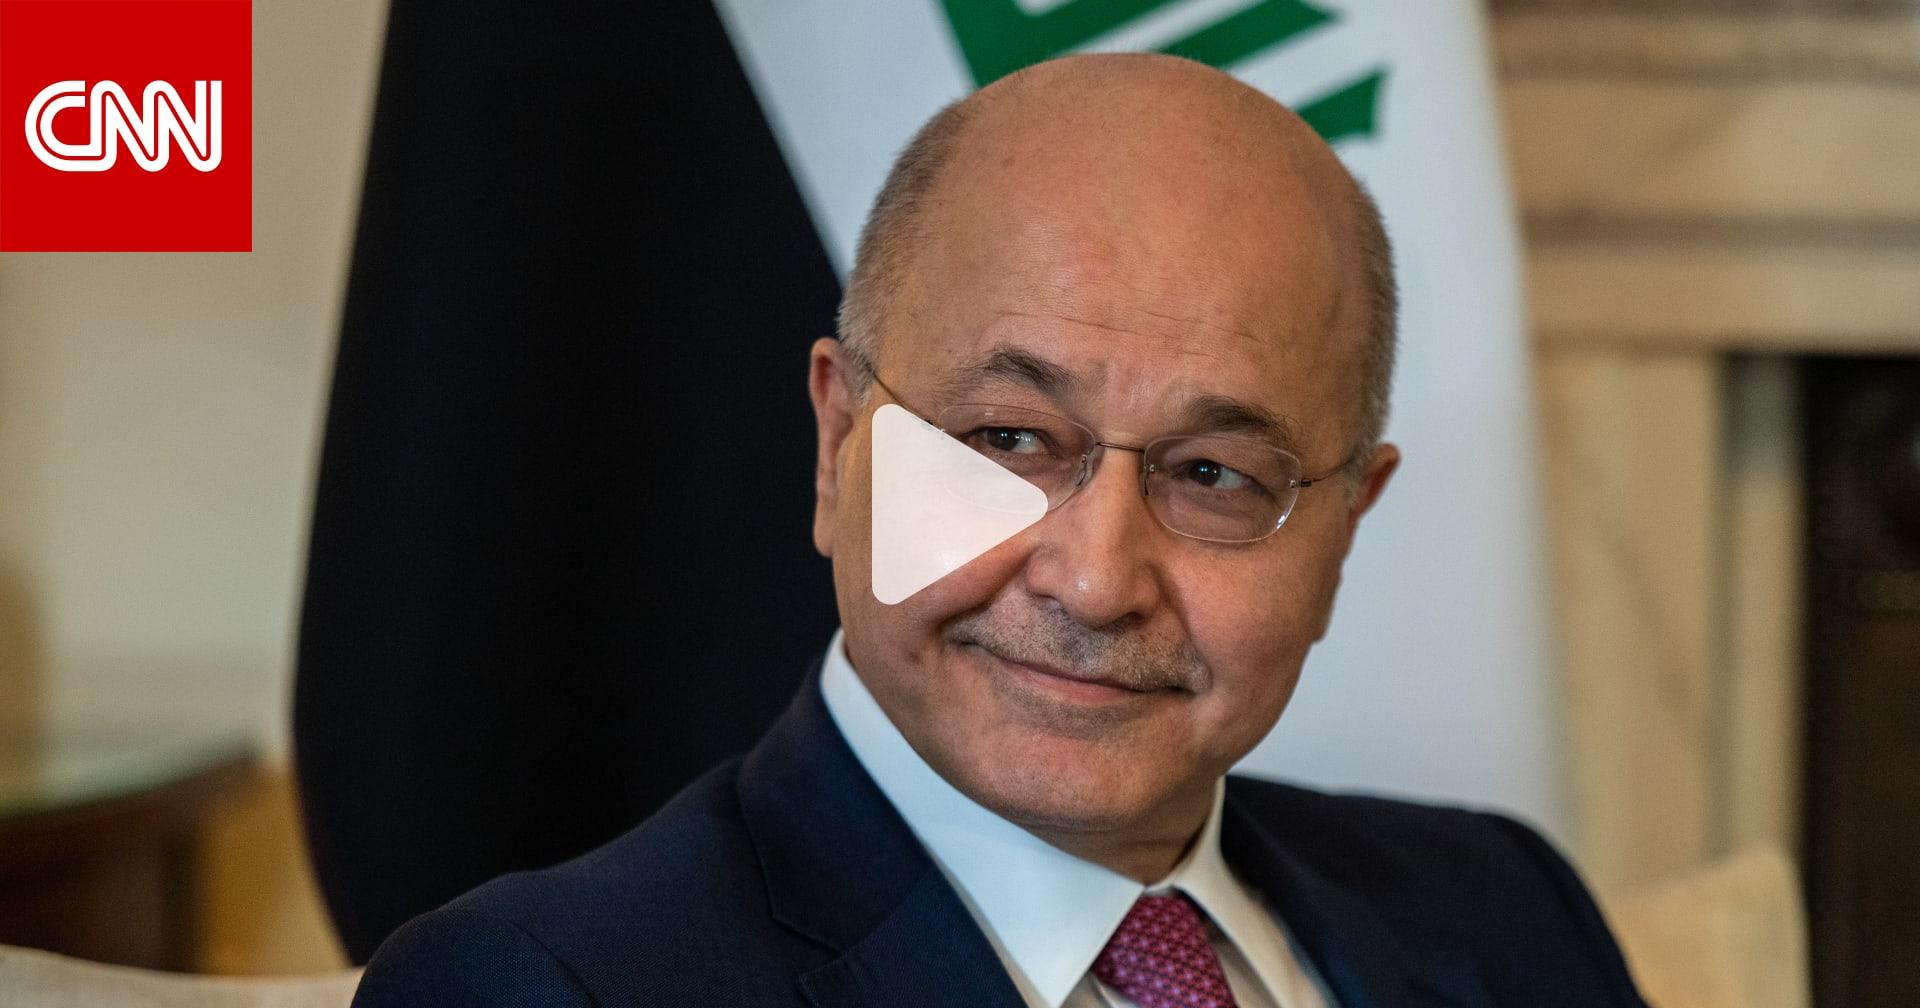 برهم صالح: حوالي 150 مليار دولار من أموال النفط سُرقت منذ غزو العراق